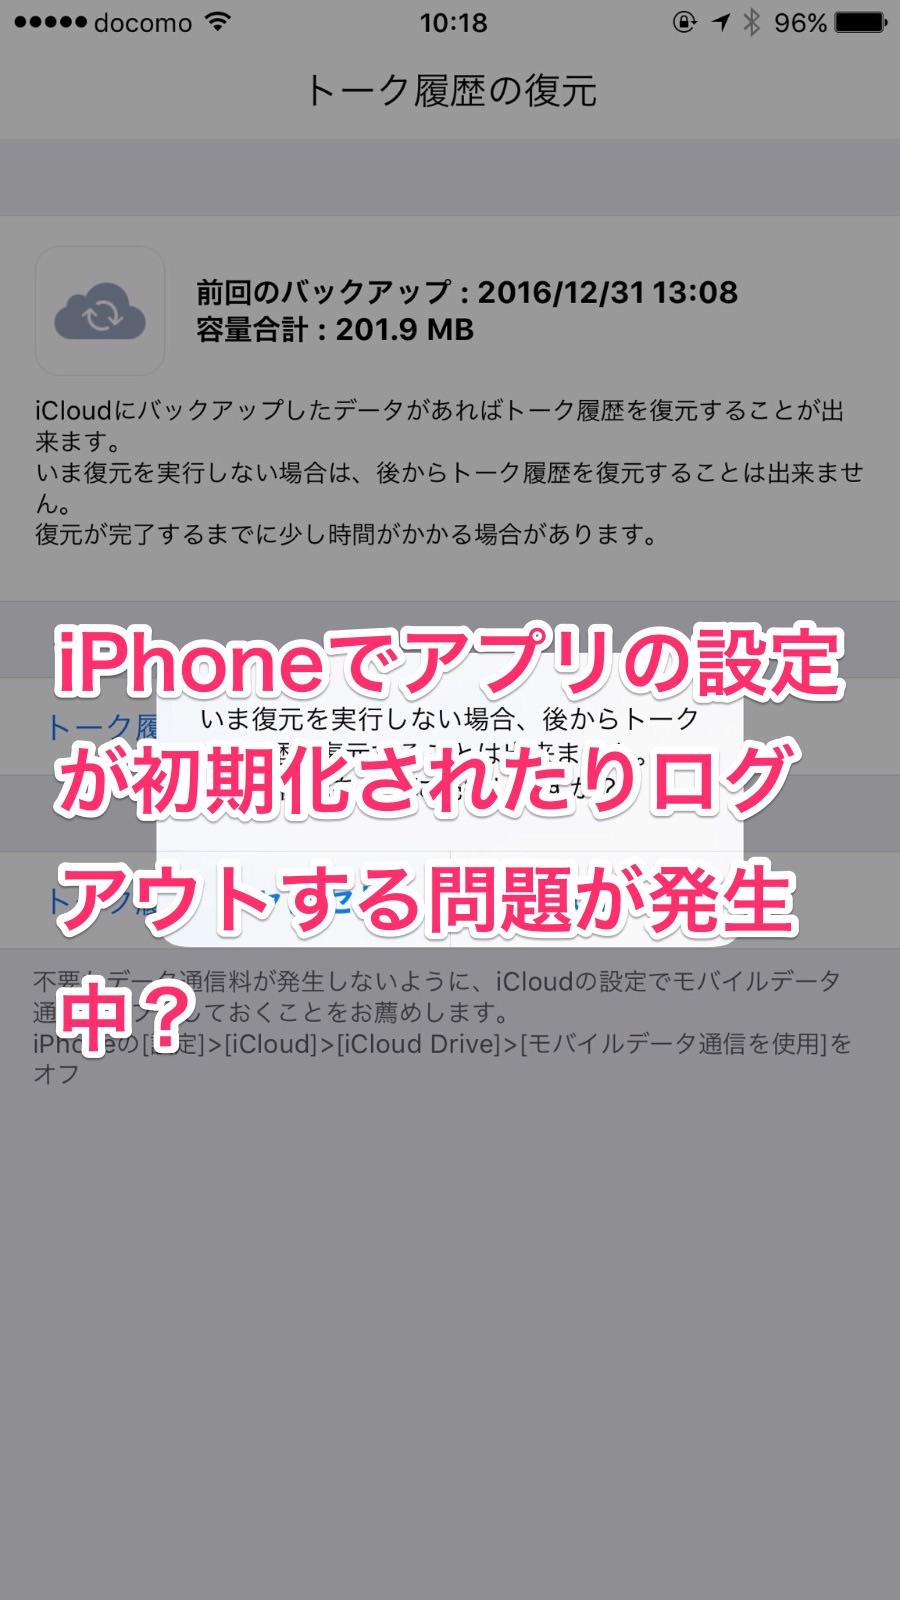 iPhoneでアプリの設定が初期化されたりログアウトする問題が発生中?(追記あり)